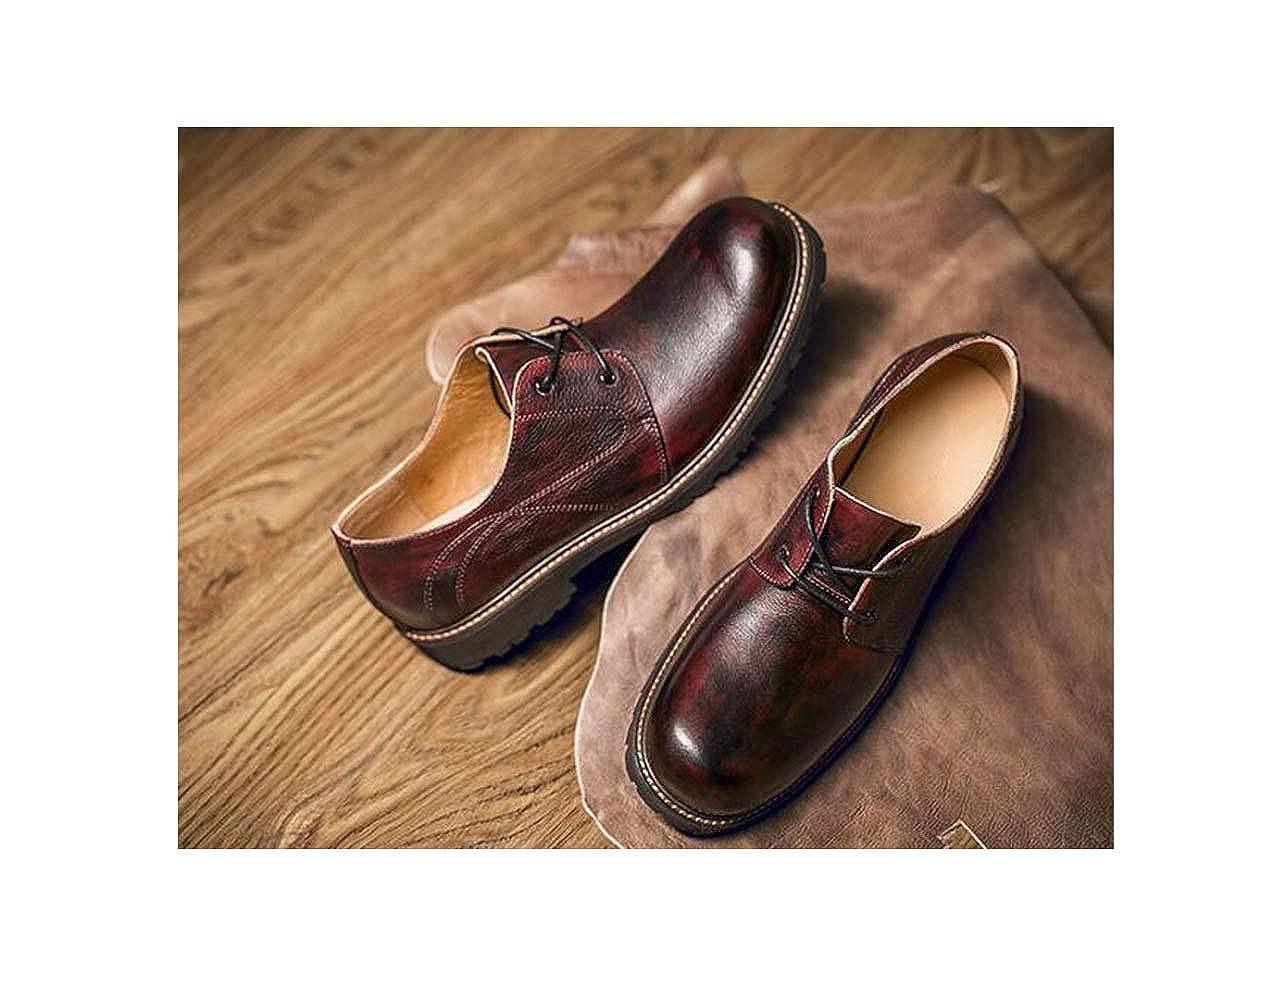 Leder Schuhe, Männer, Frühling, Geschäft, Sommer, Schuhe, Ribbon, Rund, Geschäft, Frühling, Freizeit ROT 864921